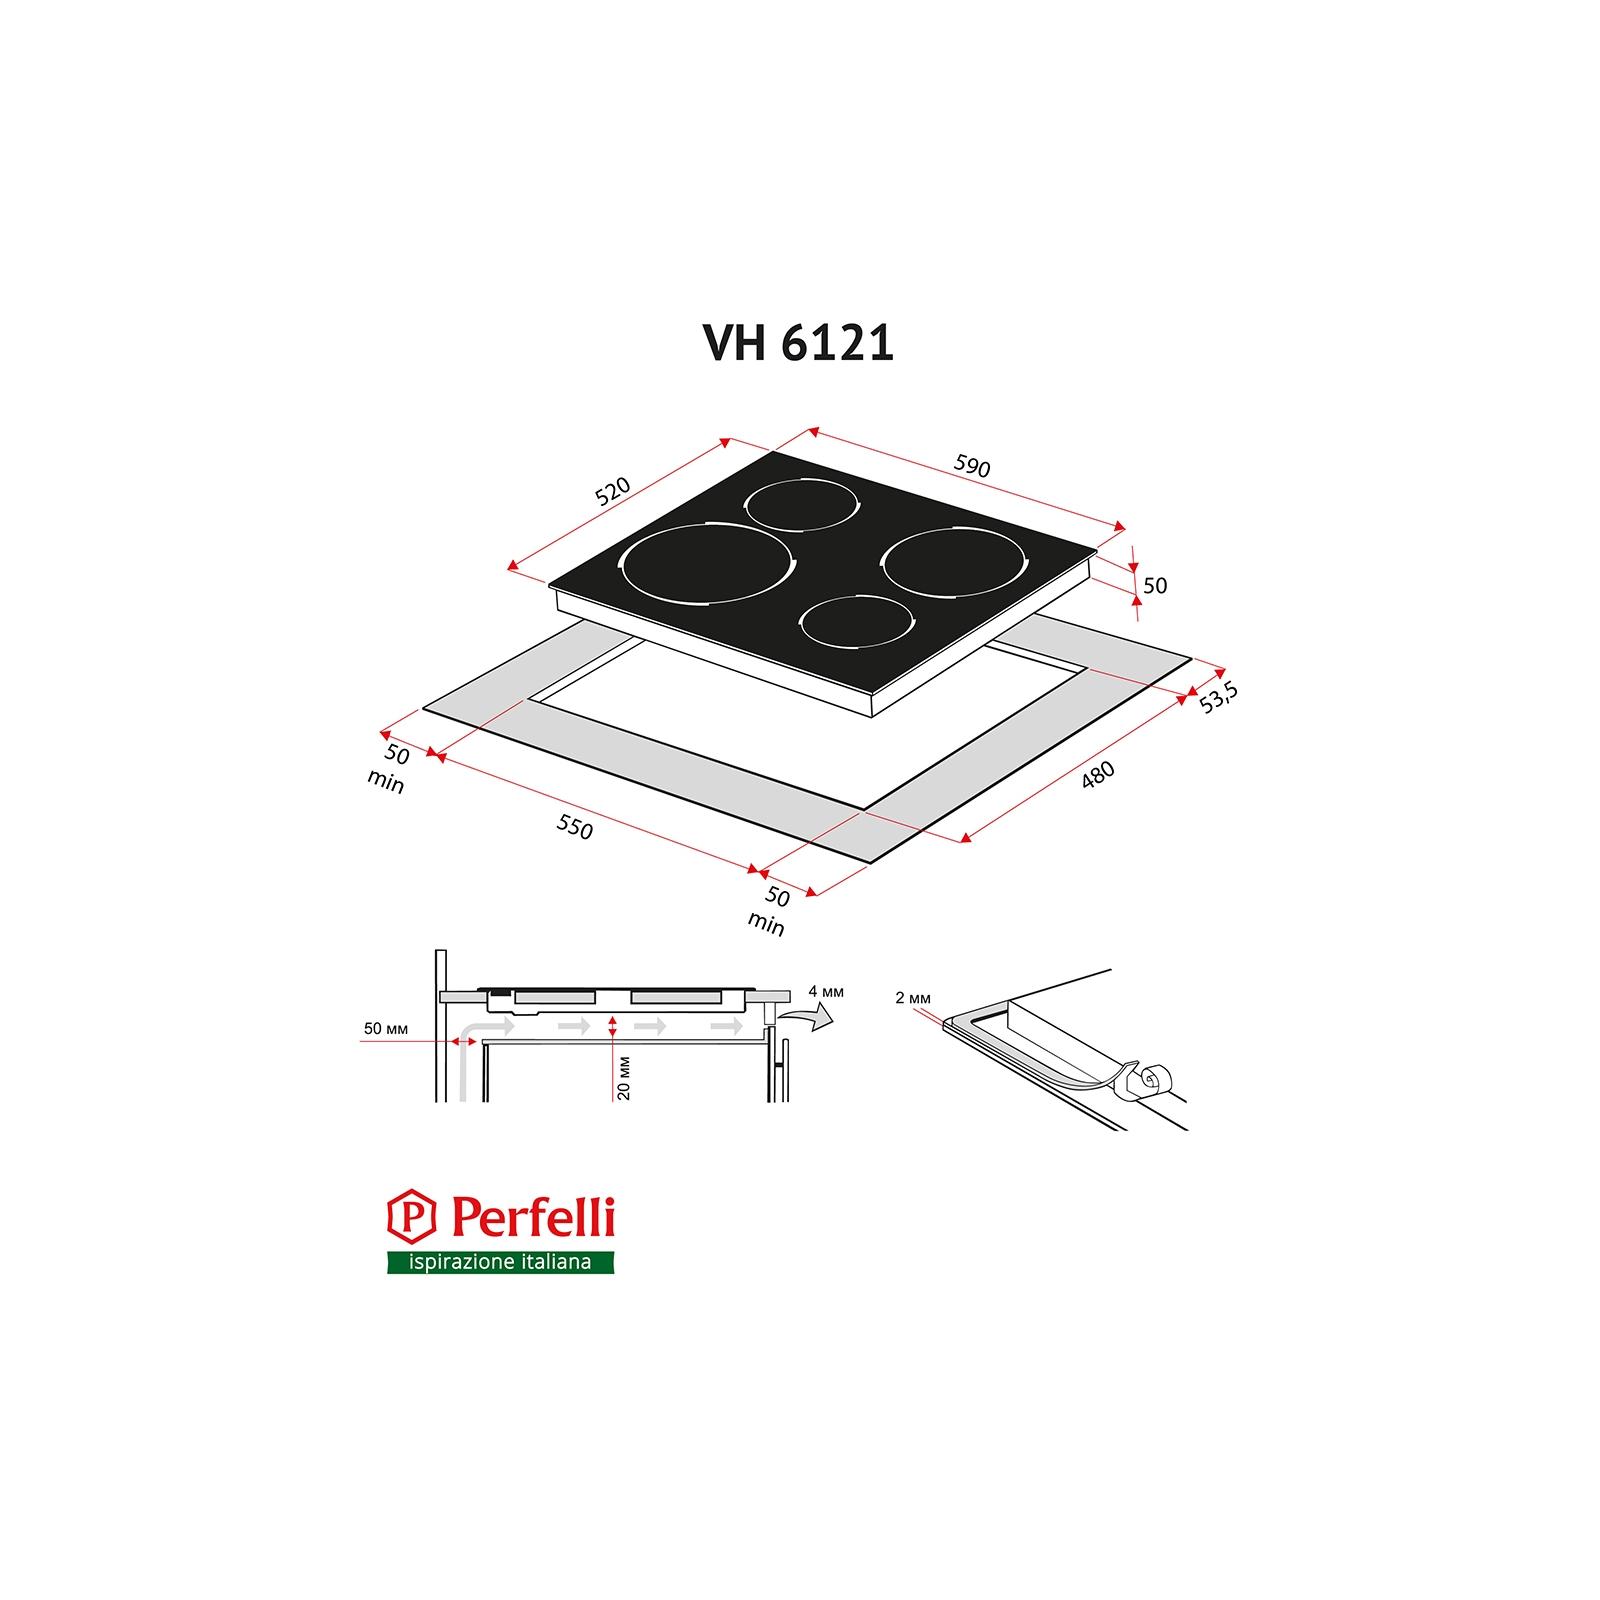 Варочная поверхность PERFELLI VH 6121 BL изображение 8